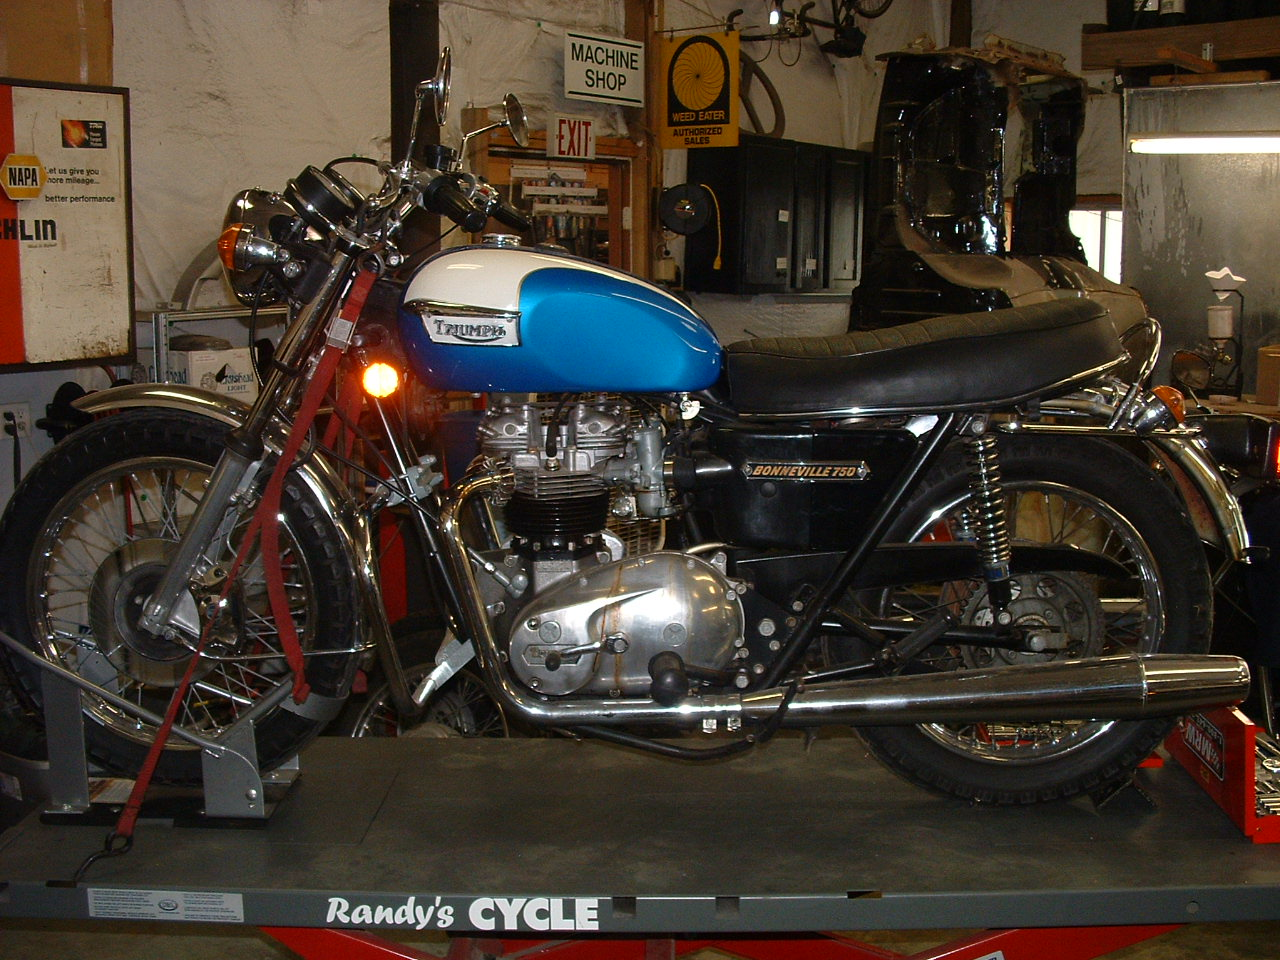 Randys Cycle Service Restoration 1977 Triumph Bonneville T140v